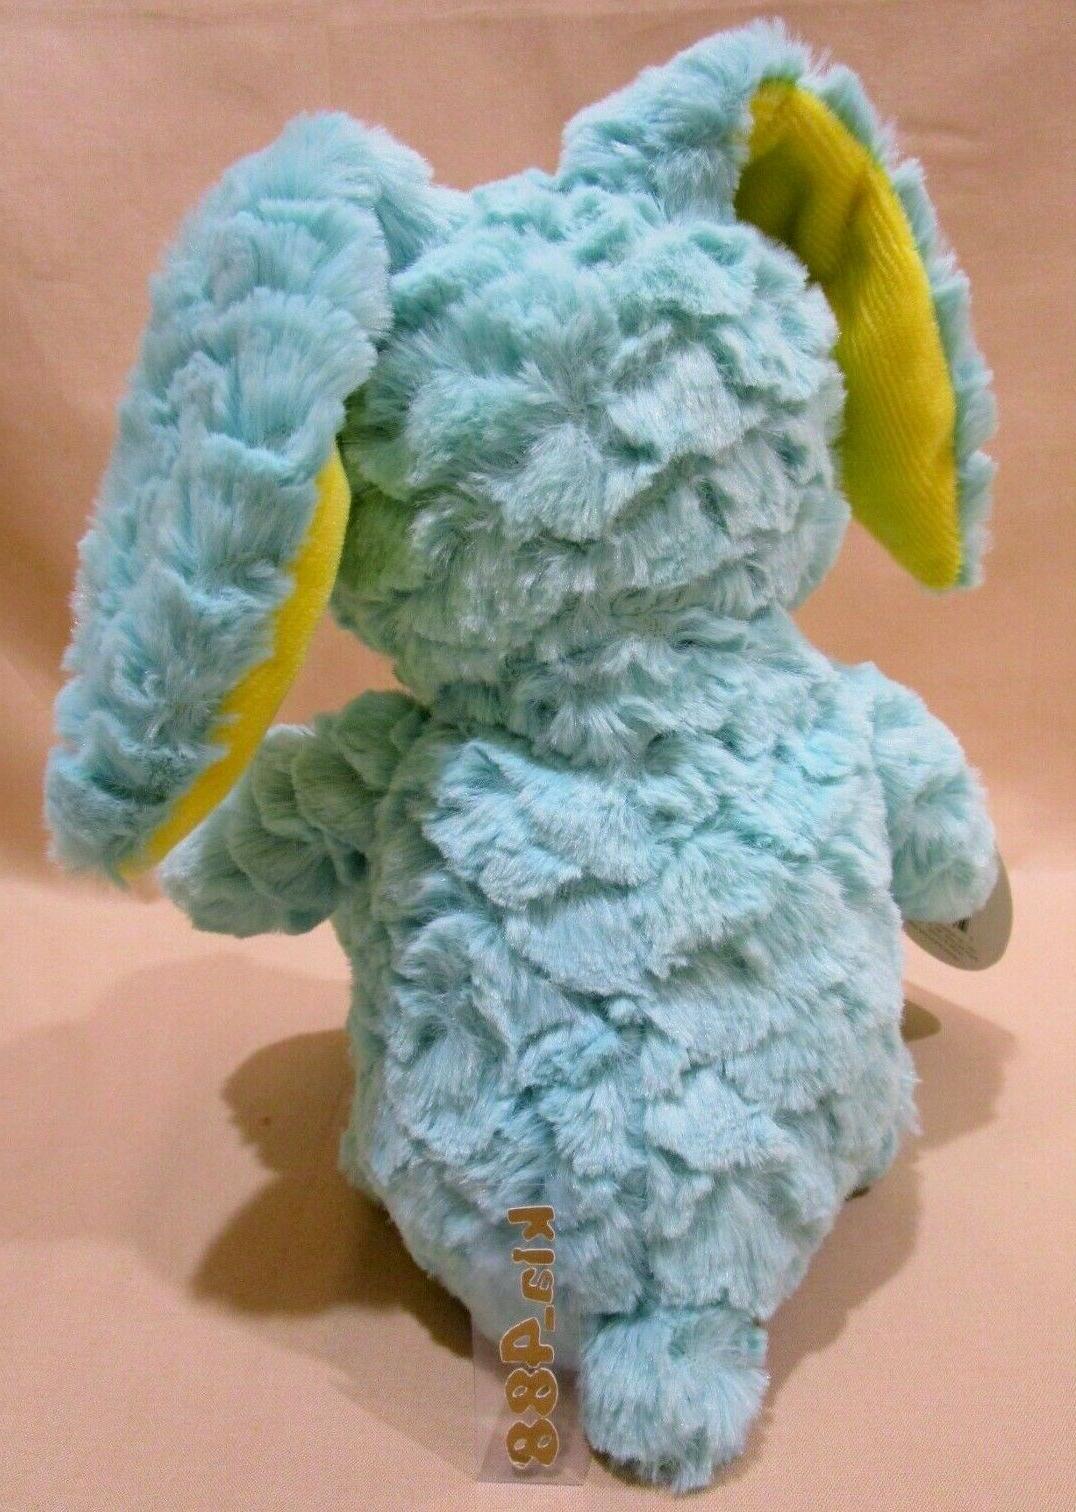 Aqua Easter Bunny Rabbit Stuffed Animal Baby w/